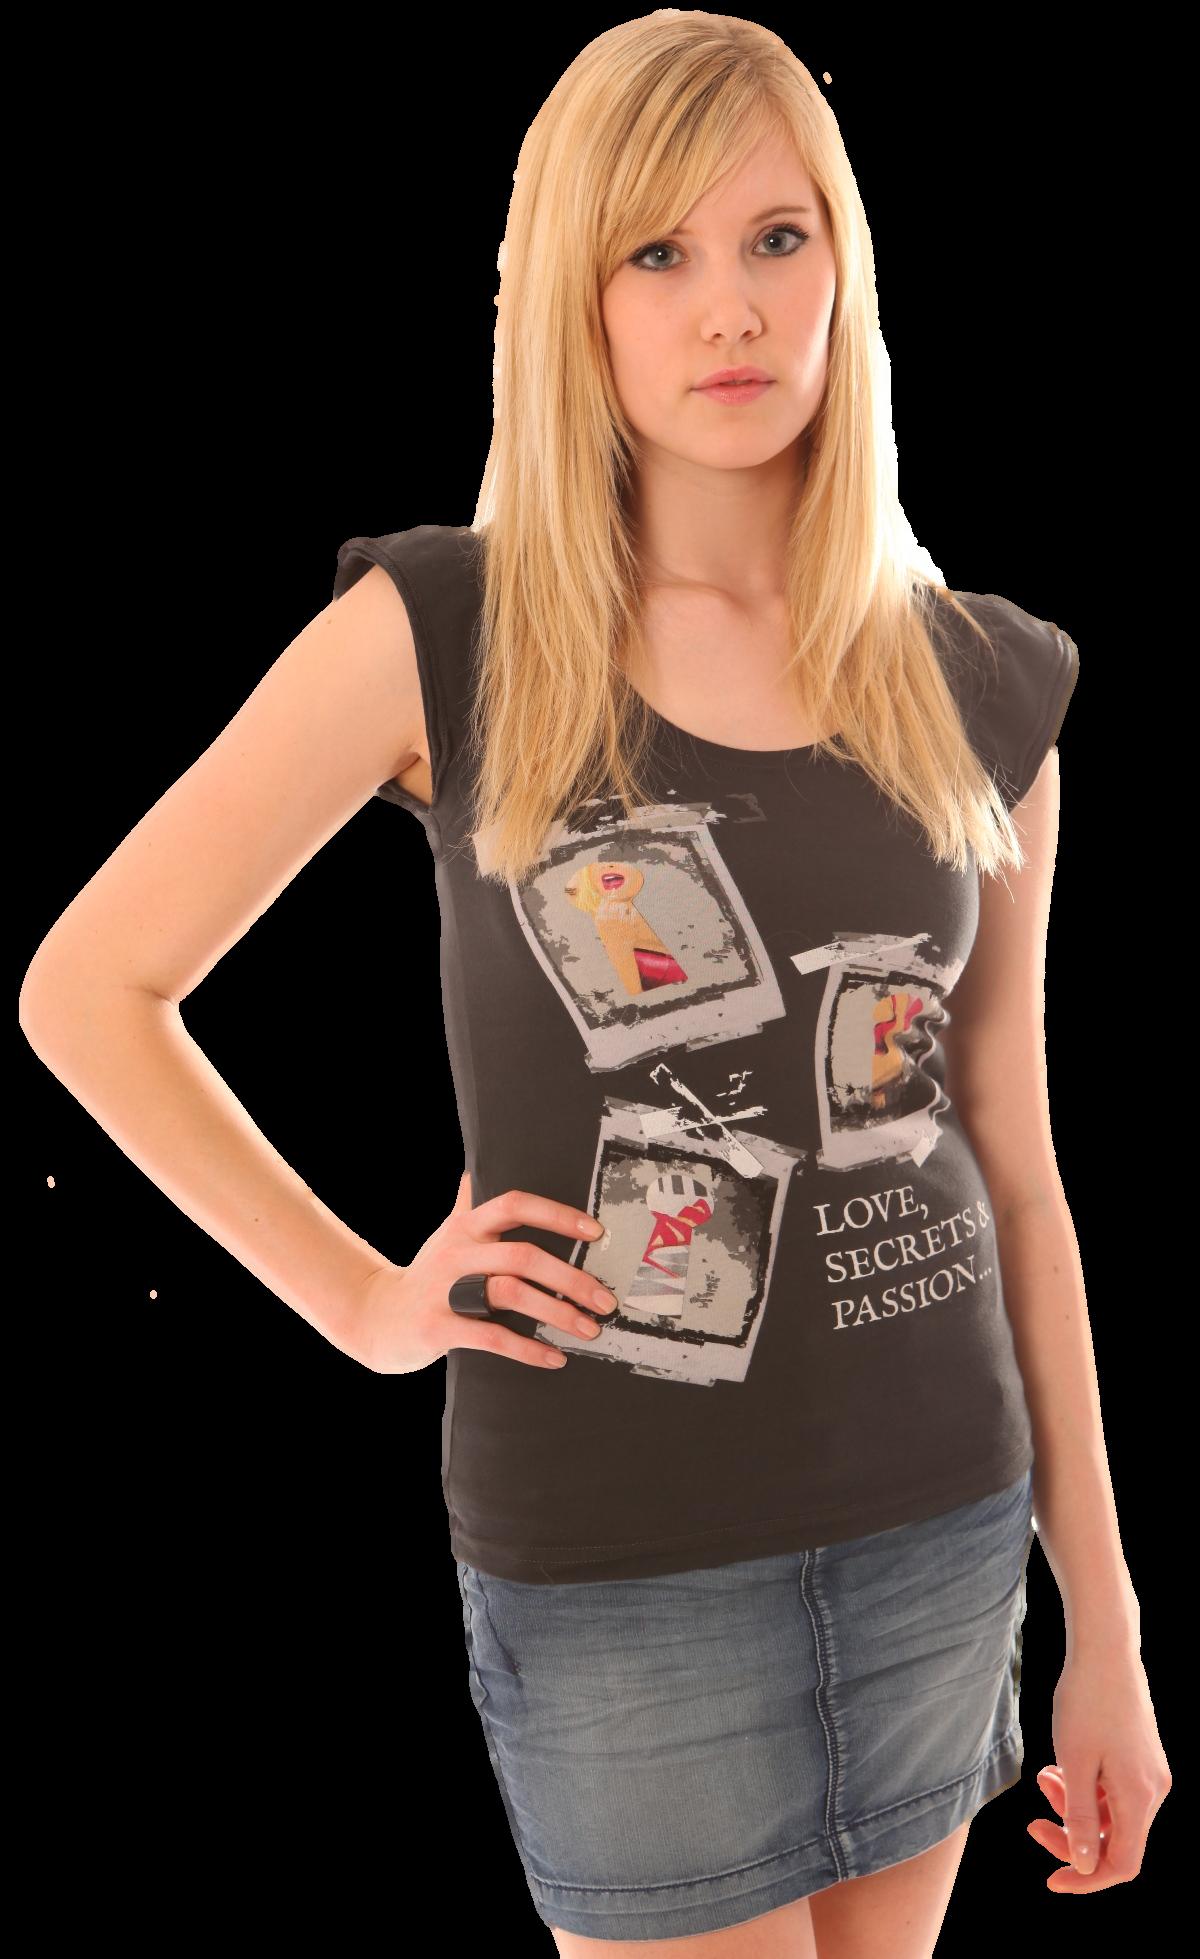 Stylisches Shirt von Daniela Katzenberger by Henry K. Oklah. - auch in weiß erhältlich